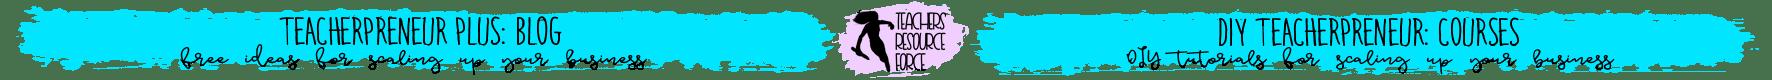 DIY Teacherpreneur